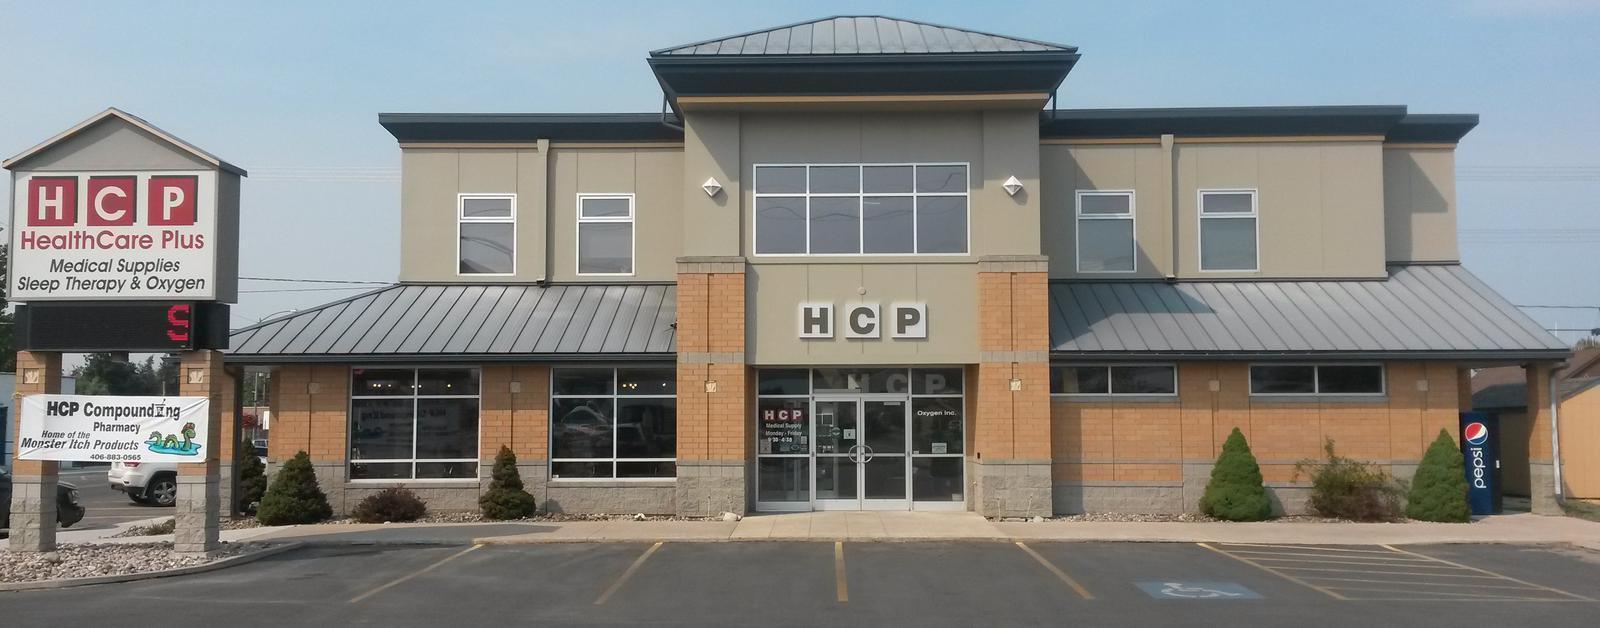 hcp (2)